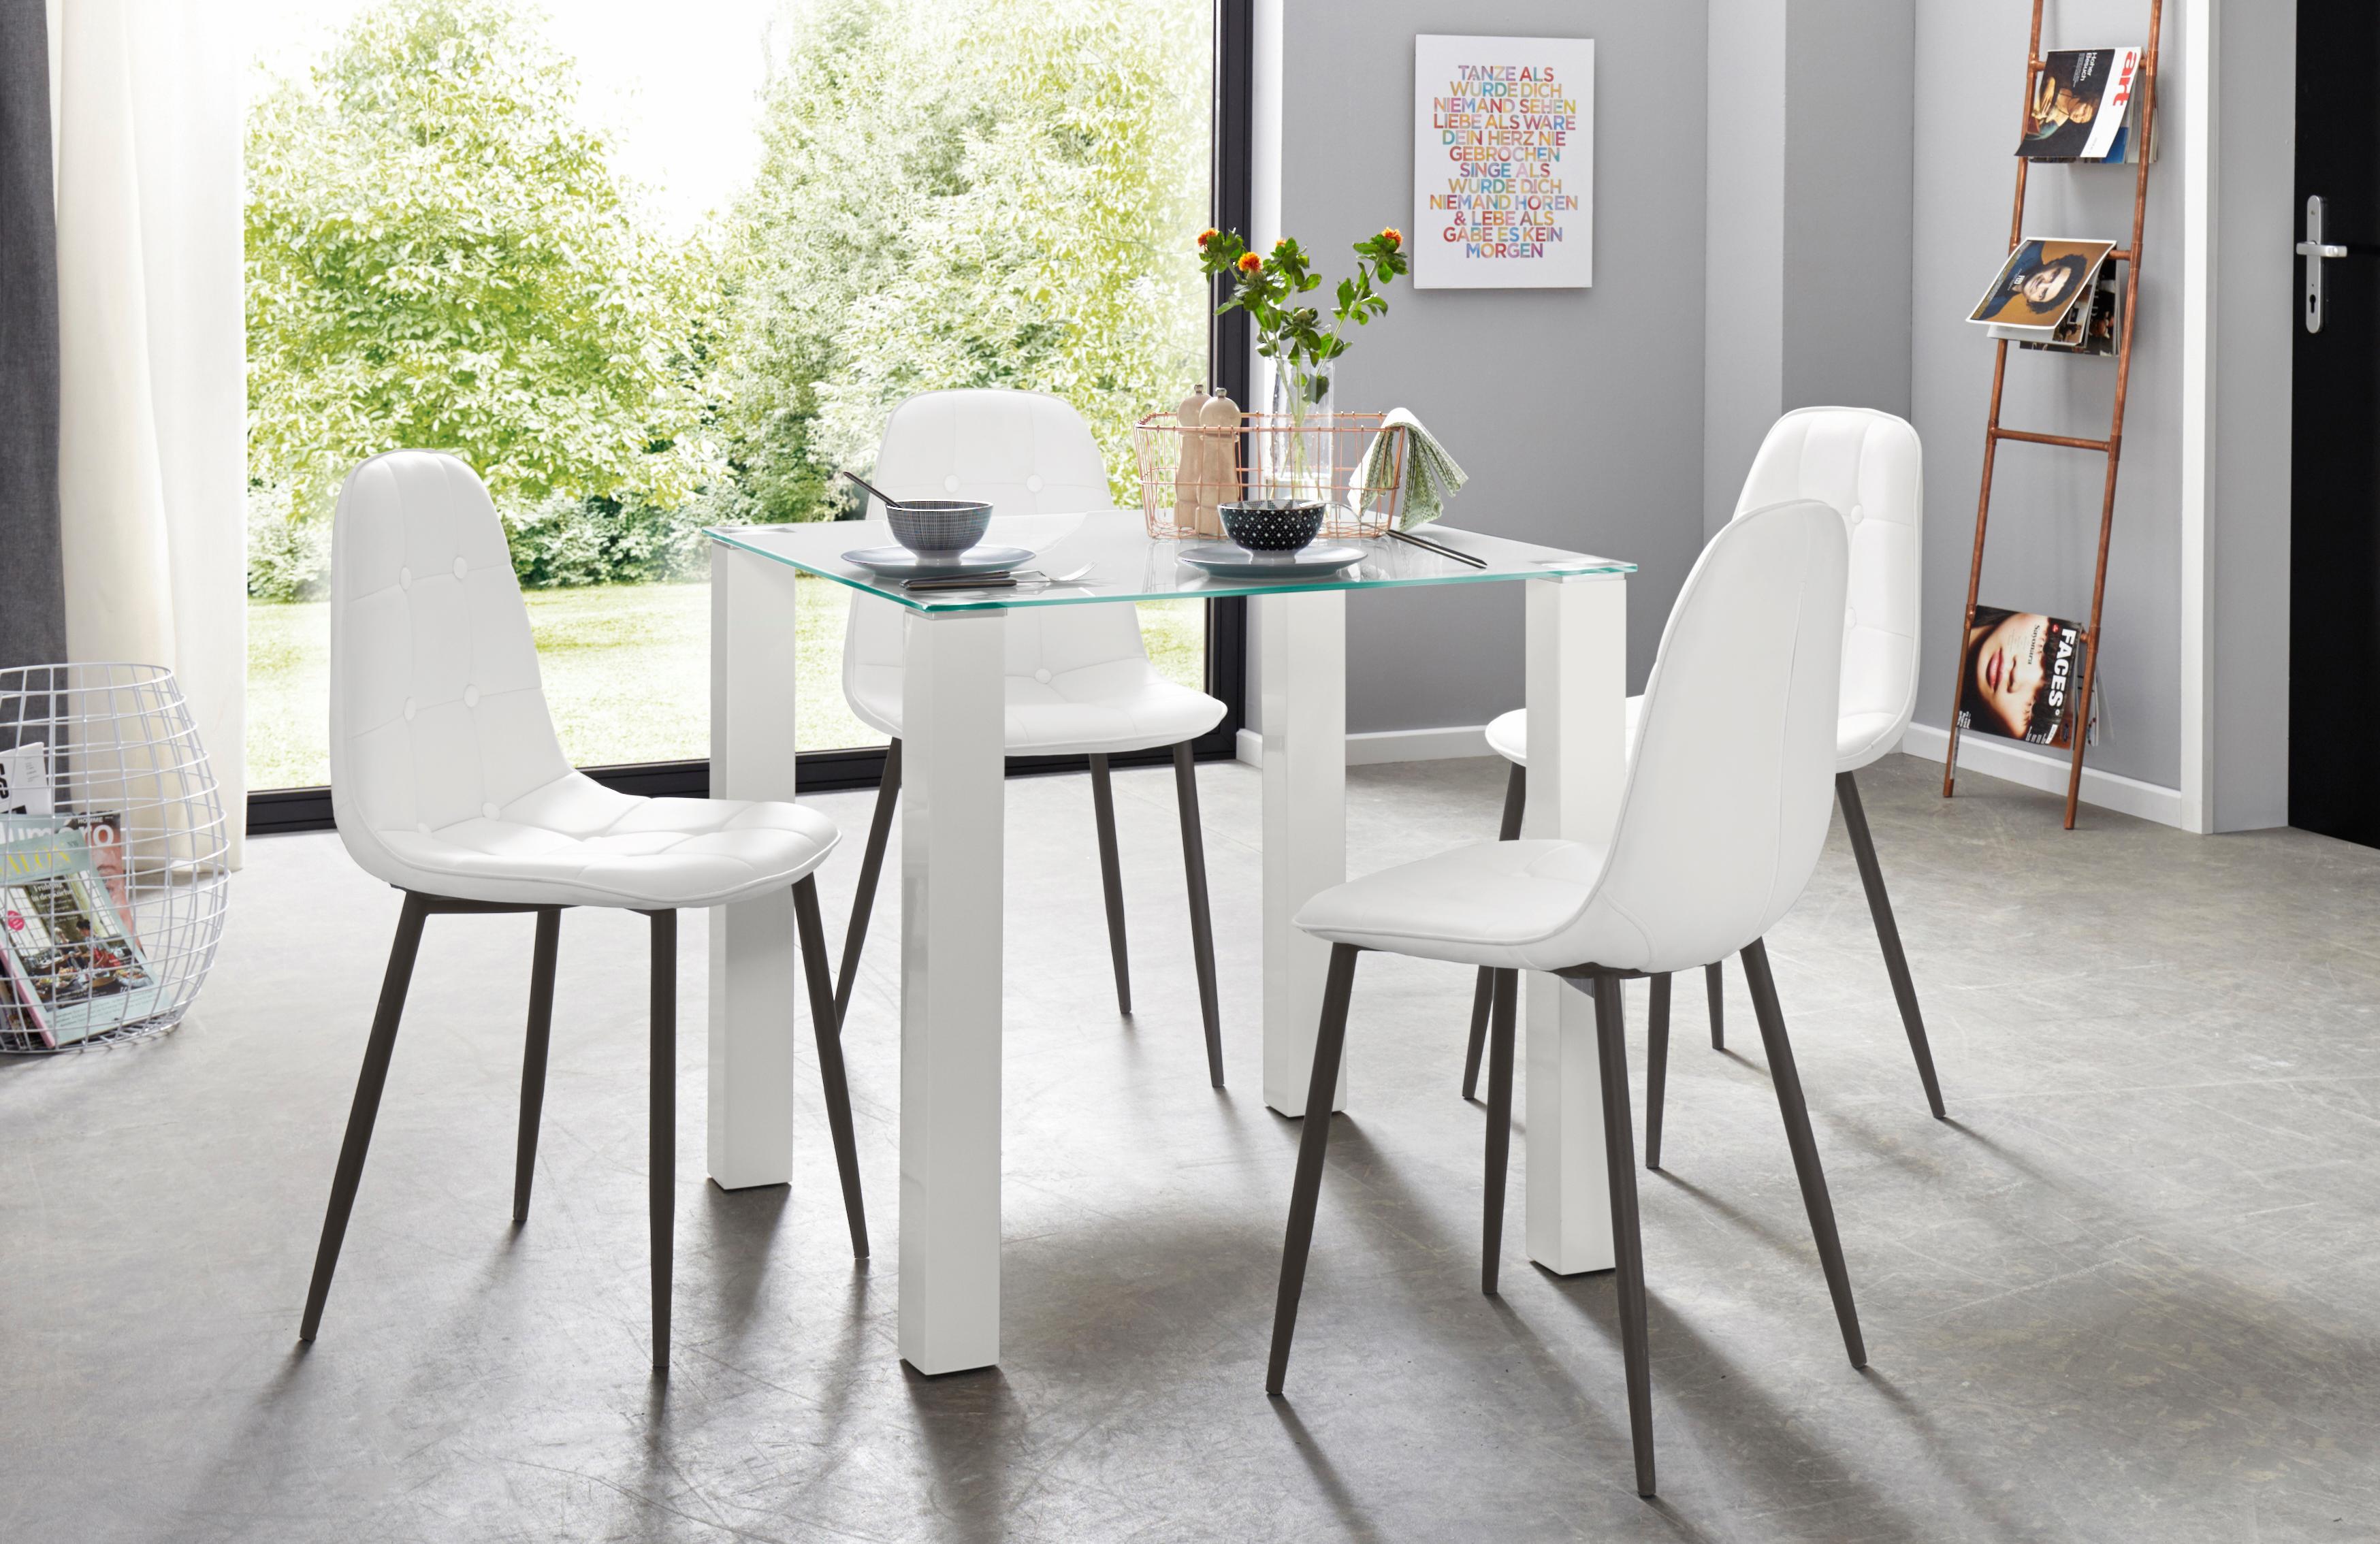 Essgruppe 5-teilig mit Glastisch 80 cm breit | Wohnzimmer > Tische > Glastische | Mehrfarbig | QUELLE